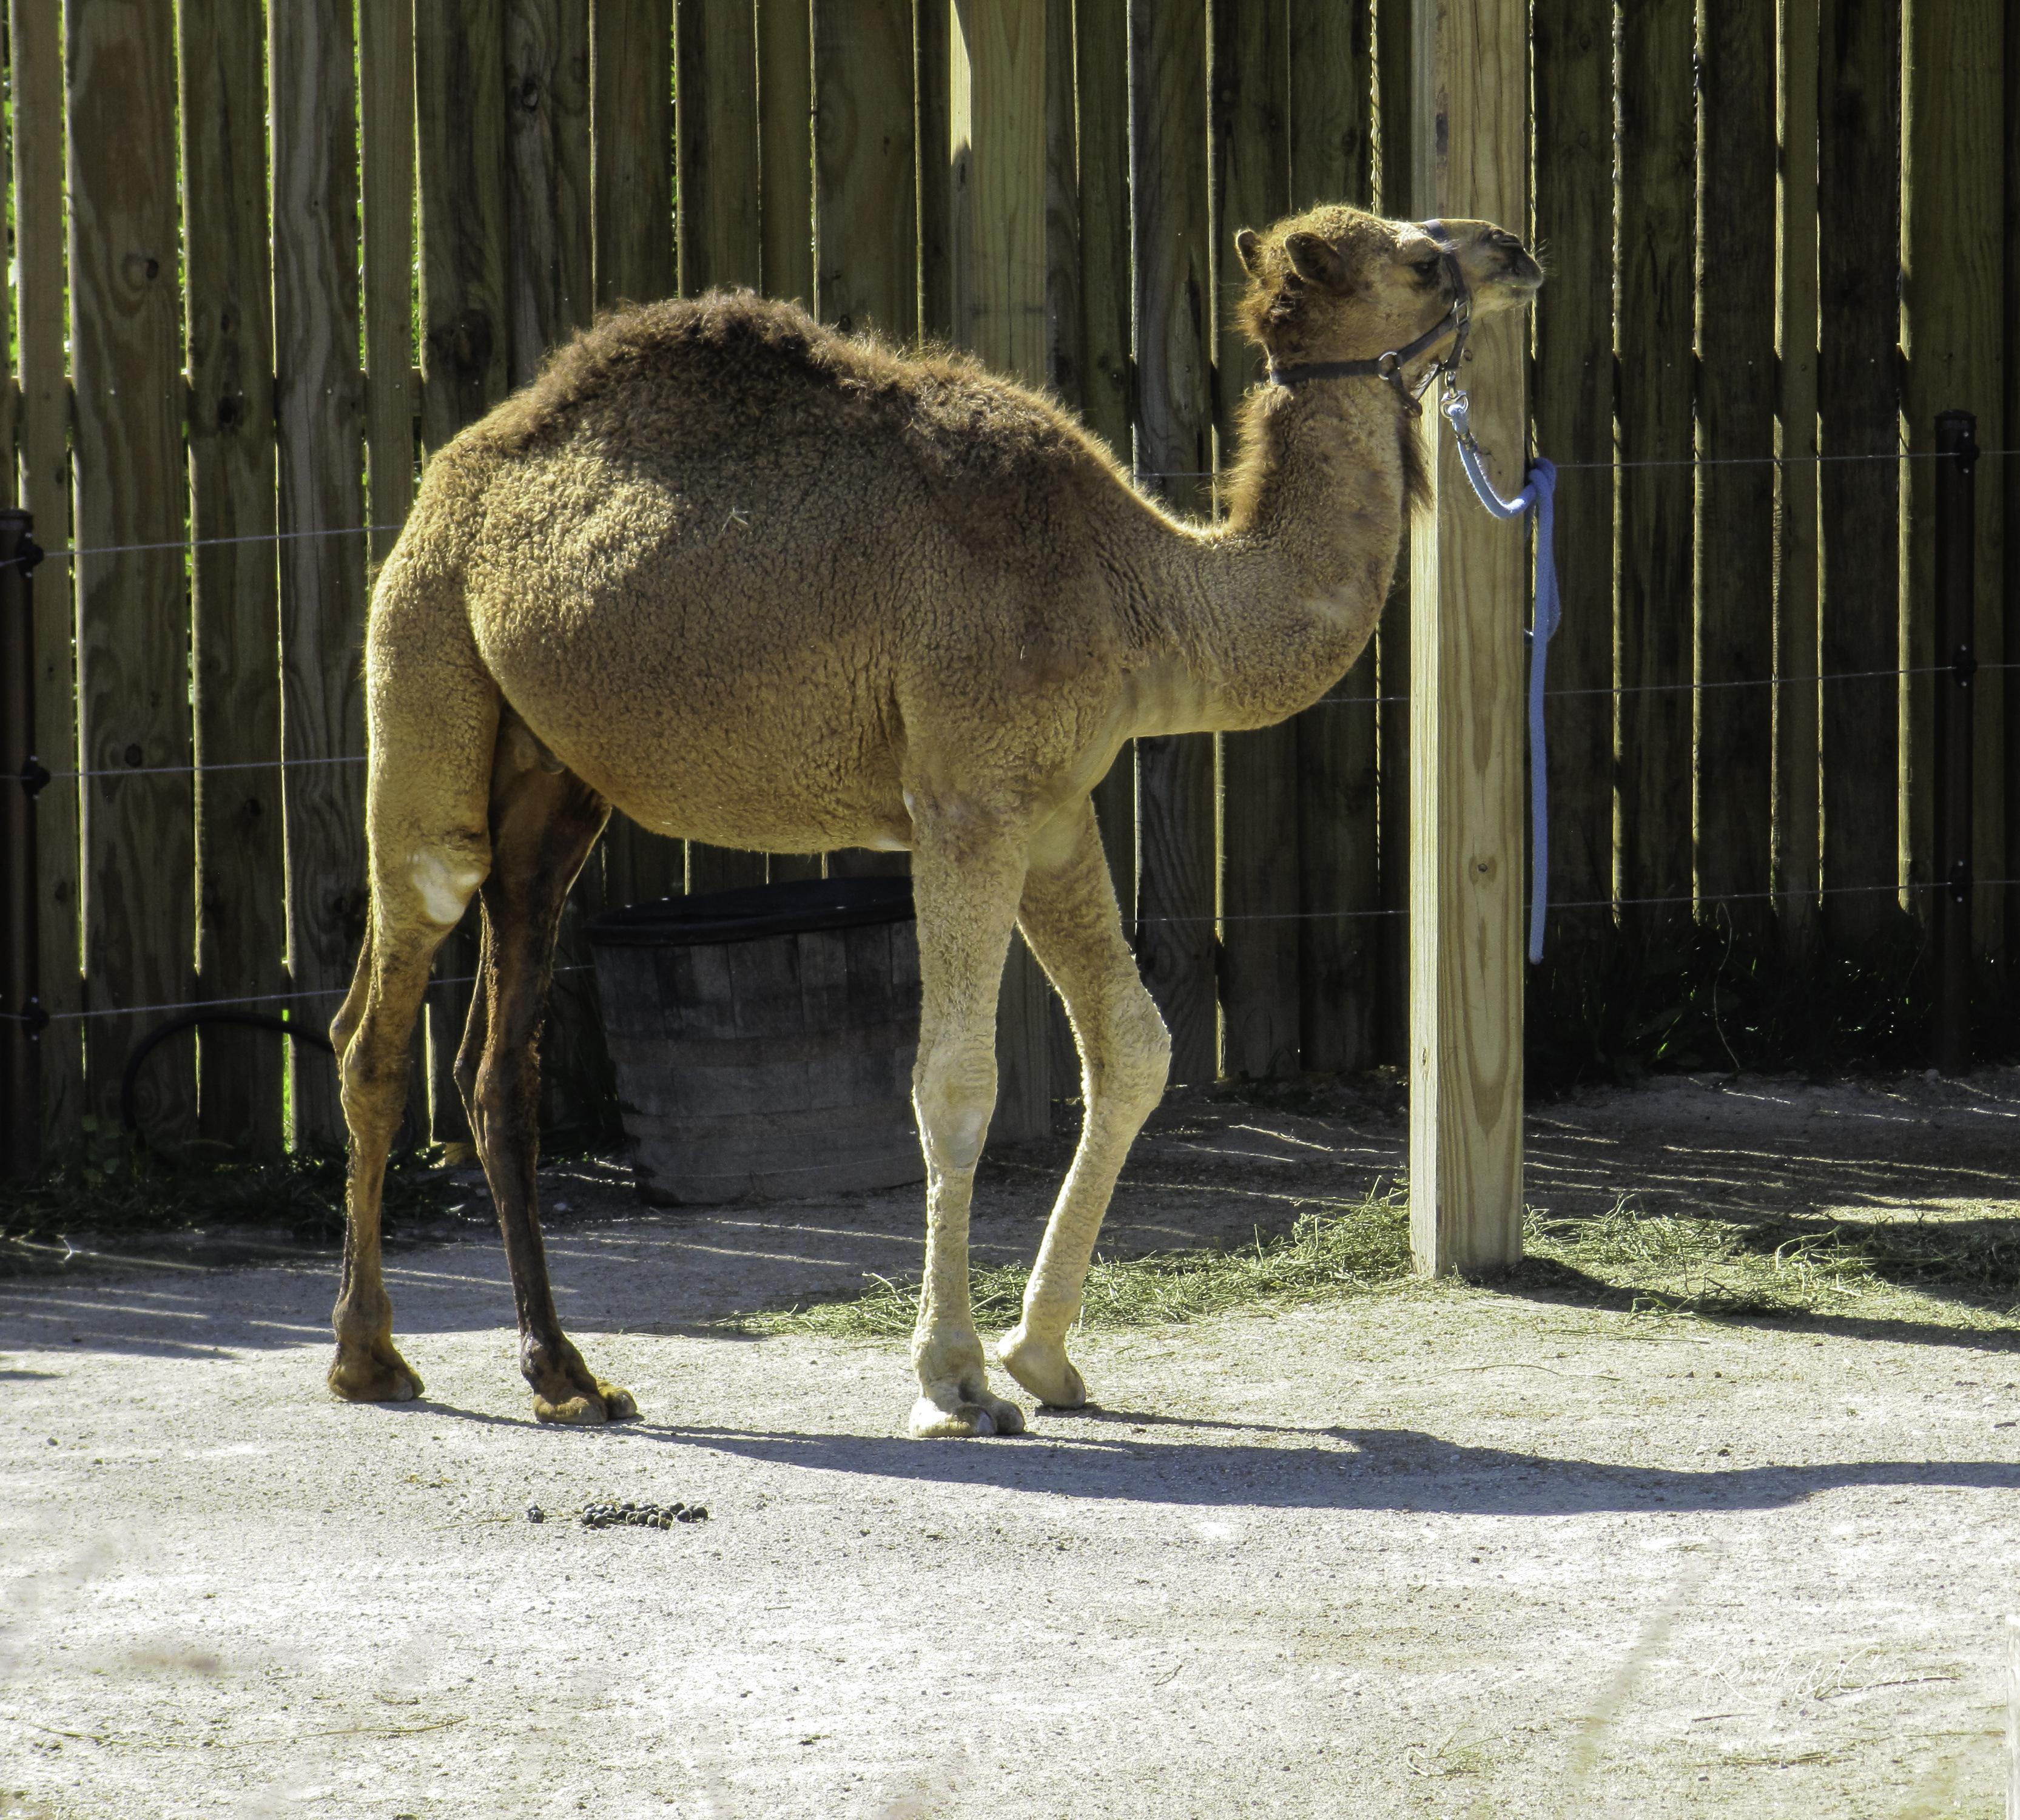 Zoo Camel-1